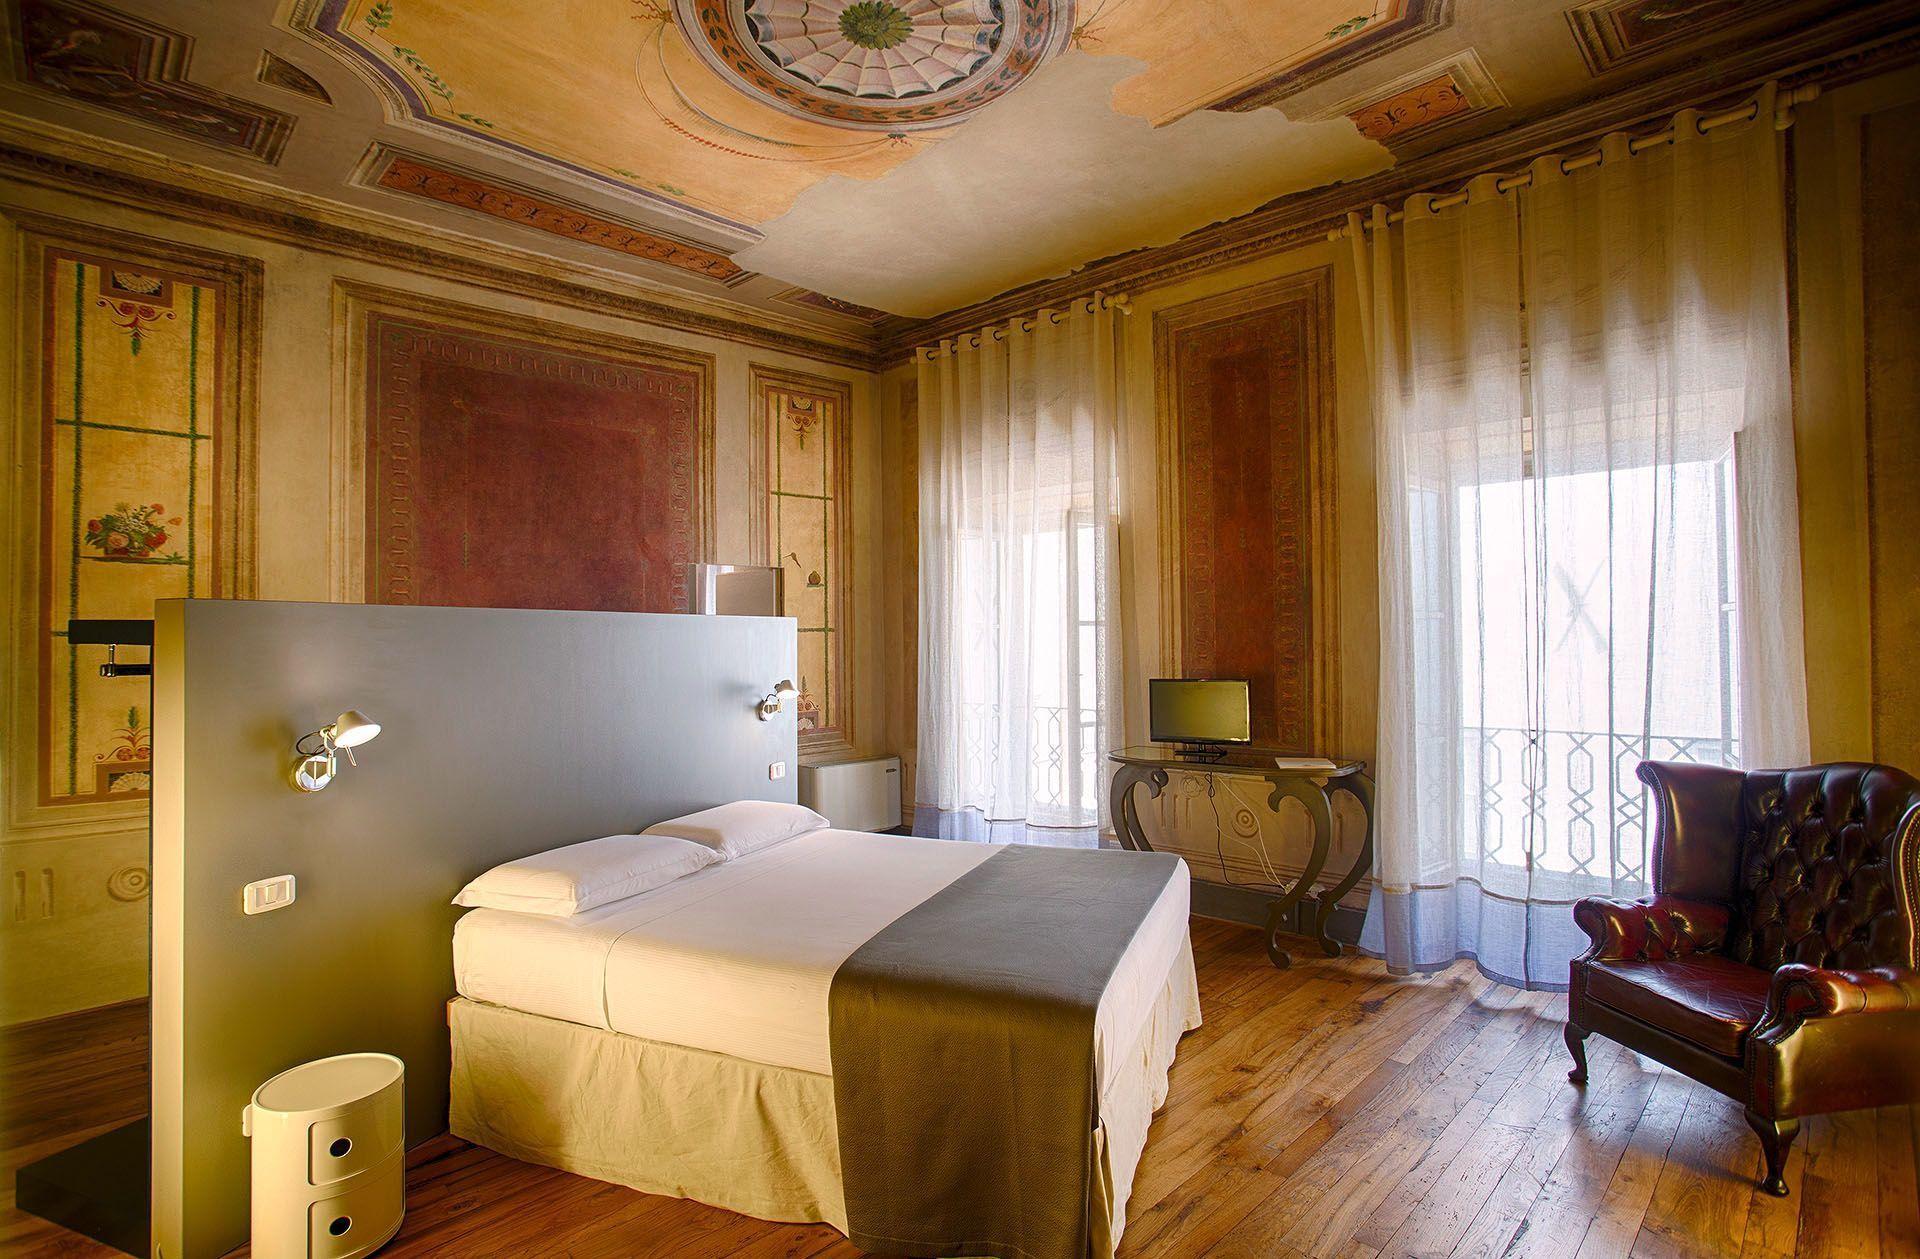 Cortona Charme - Suite Nazionale - Ferienhäuser Toskana für ...